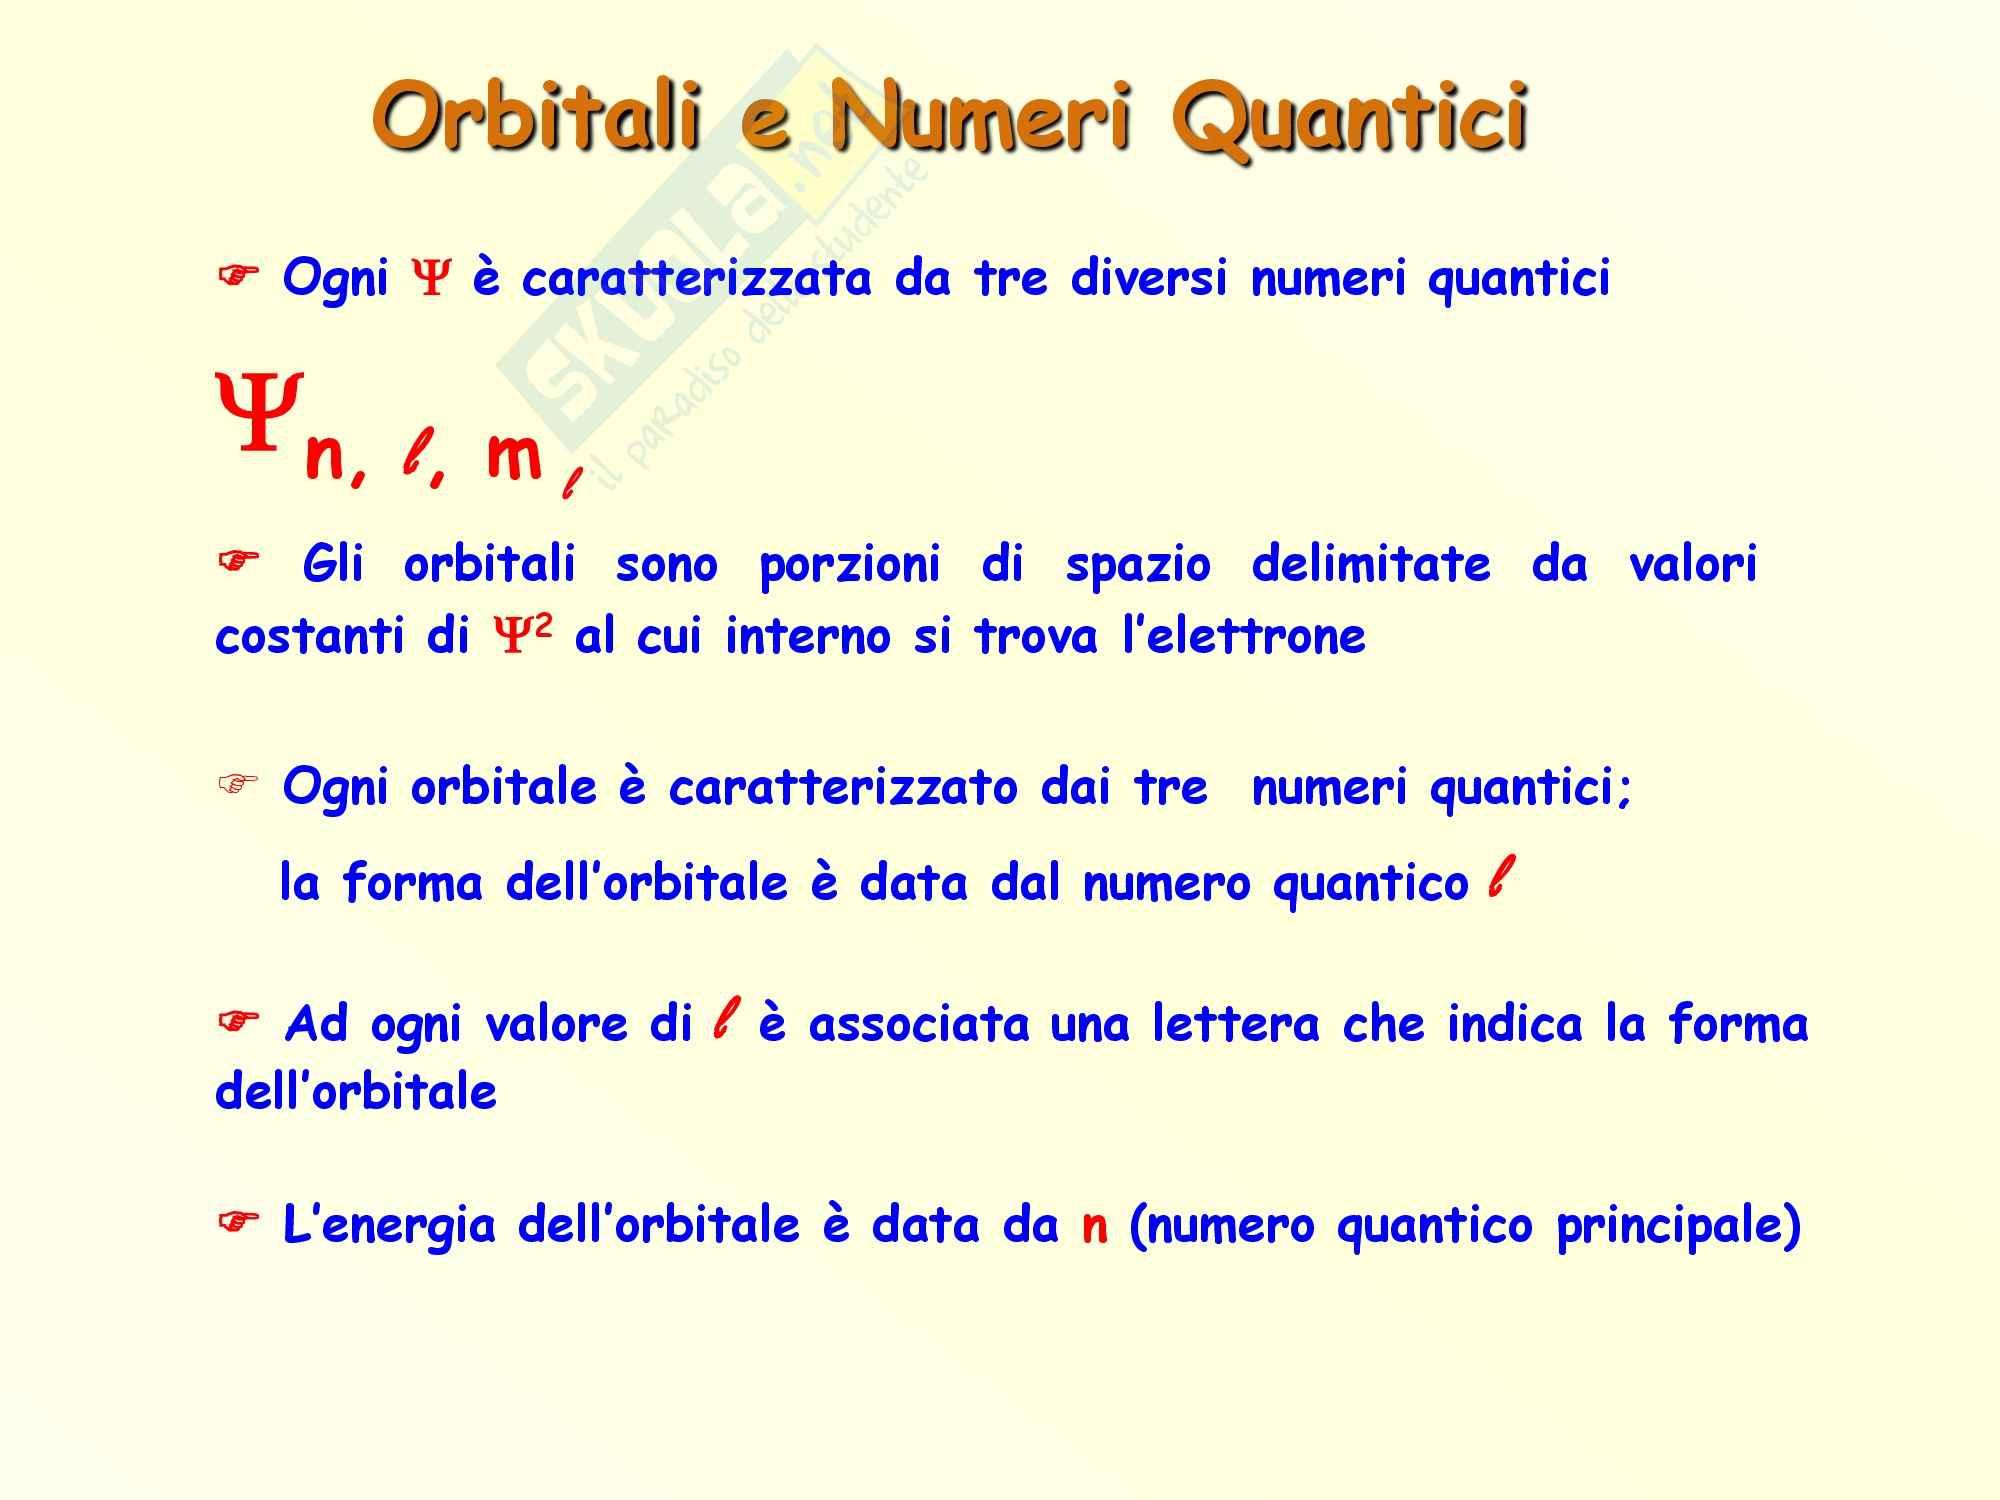 Chimica inorganica - orbitali e numeri quantici